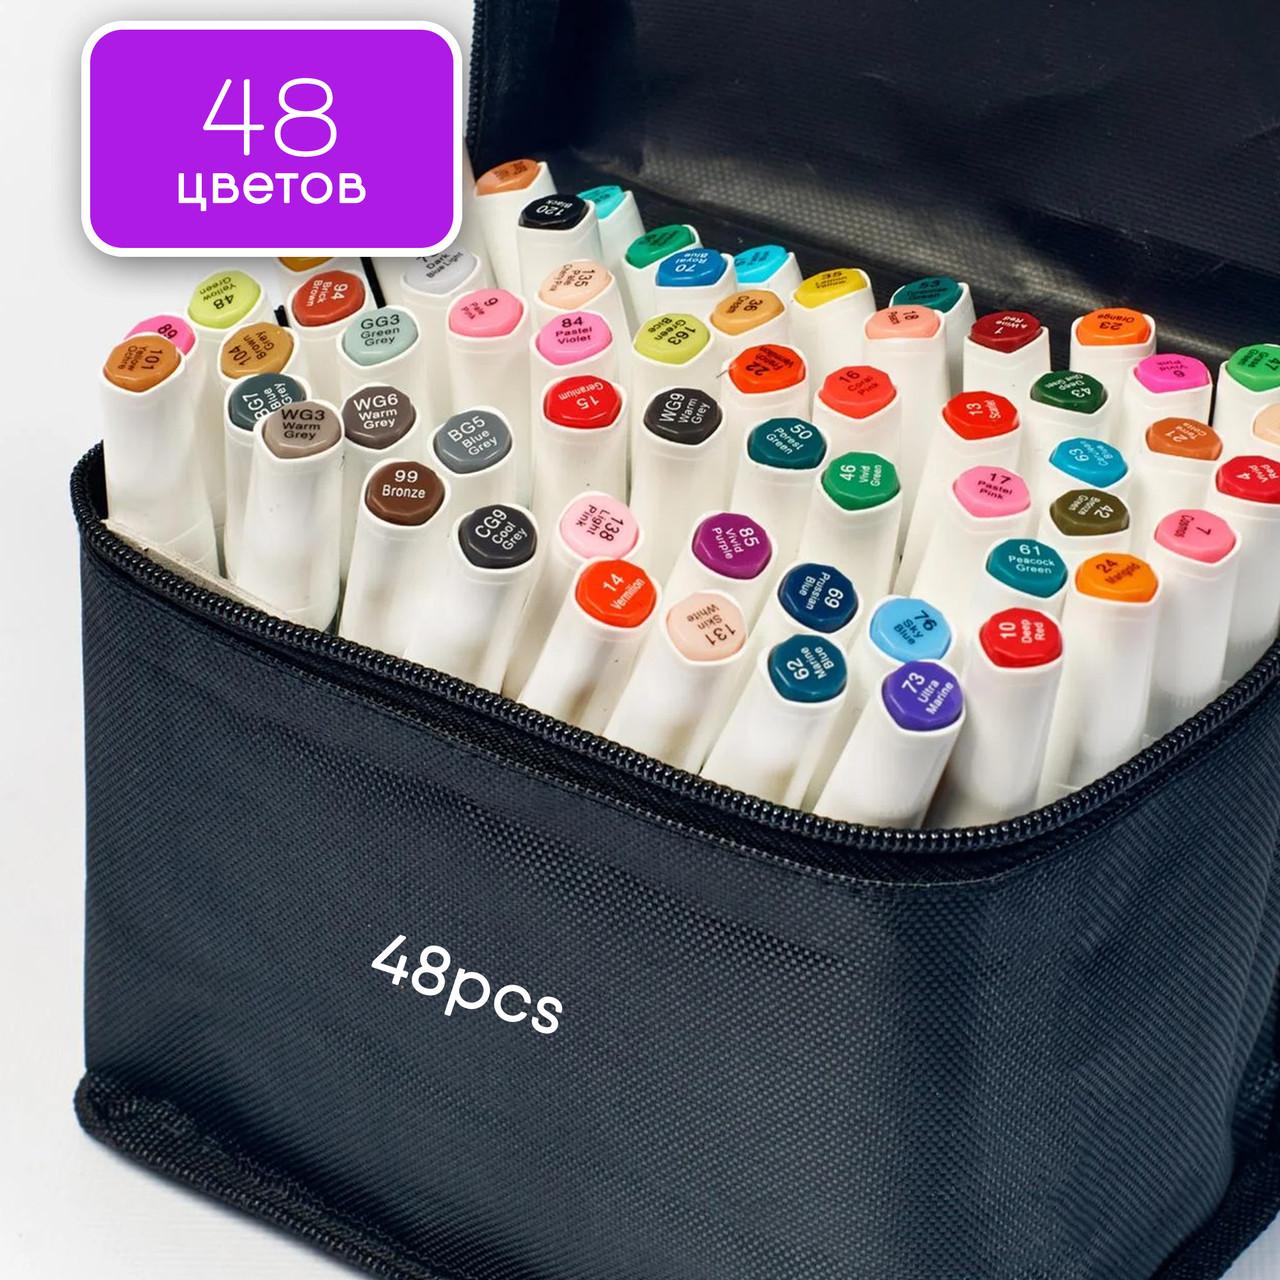 Професійні маркери 48 кольорів, набір двосторонніх спиртових маркерів Rich New для малювання і скетчинга